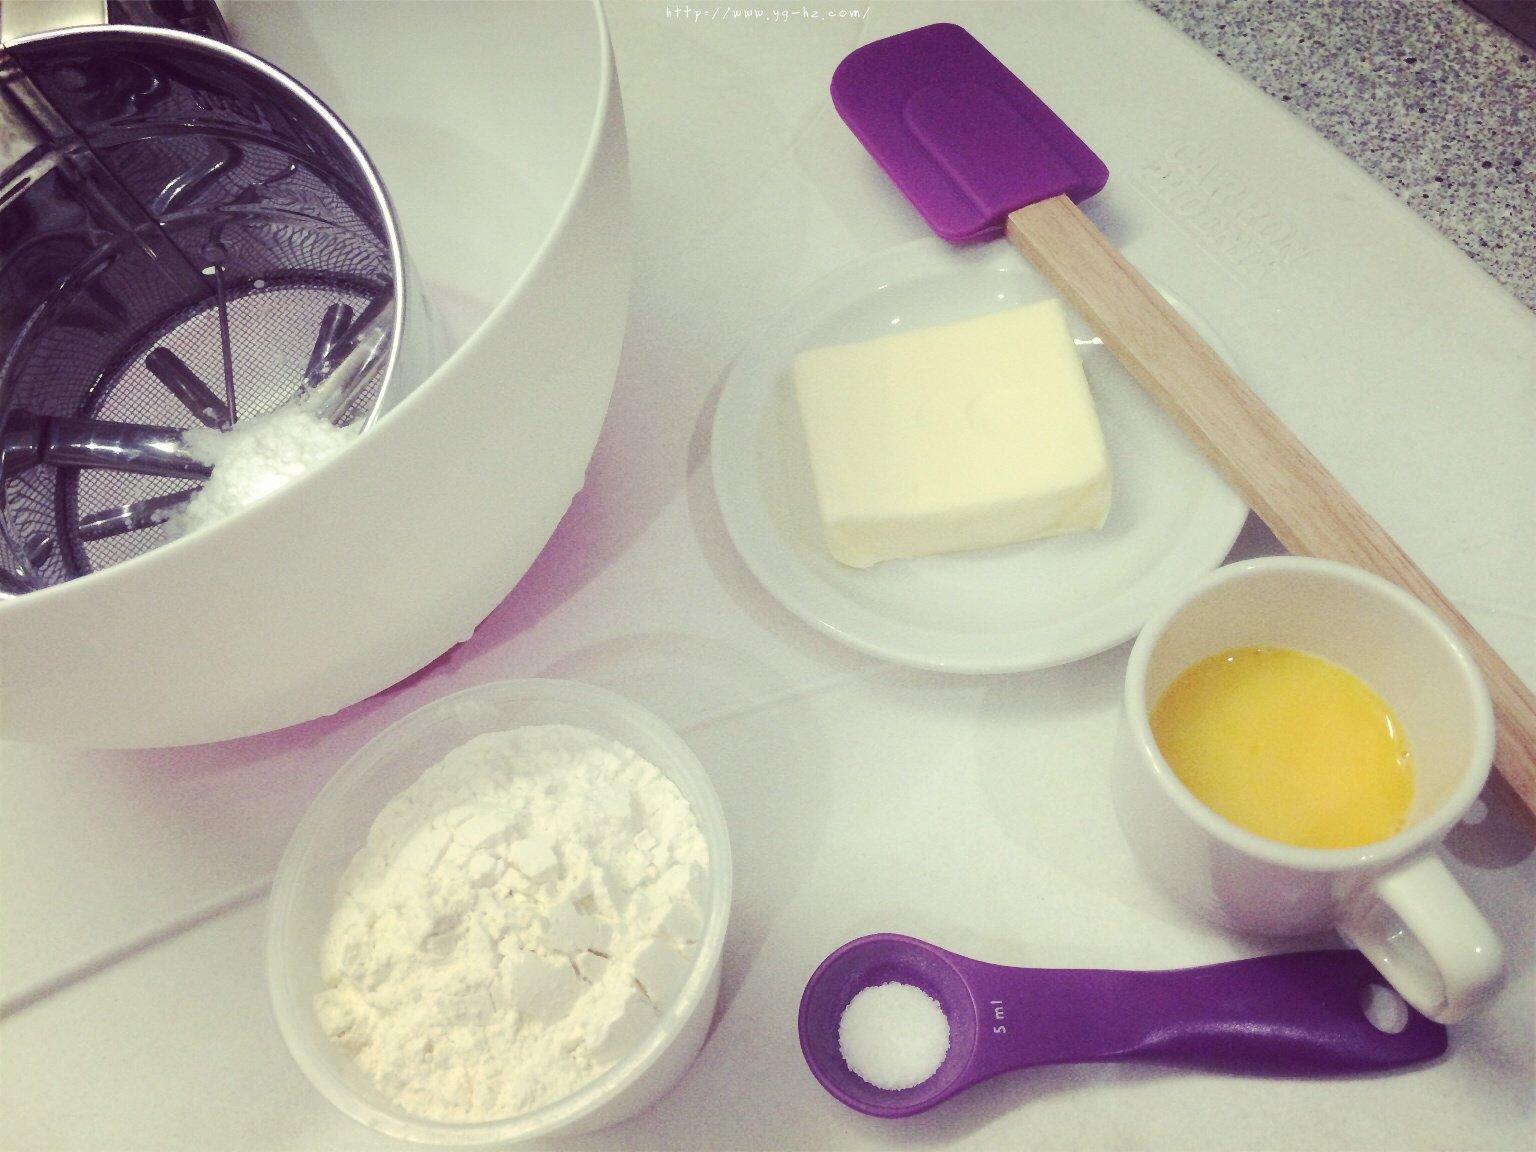 法国甜点师Christophe Felder的柠檬塔的做法 步骤1